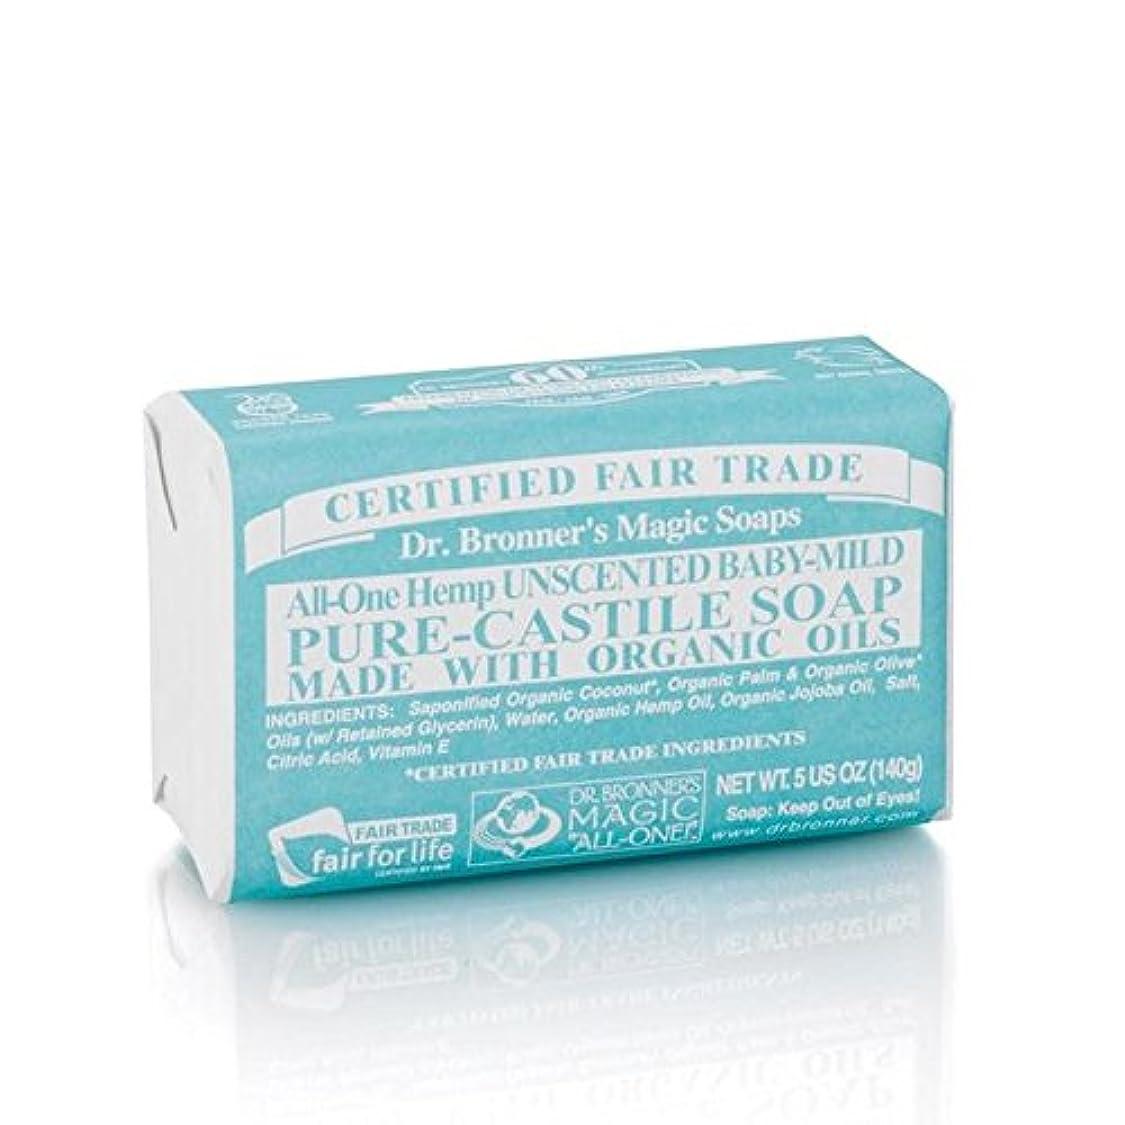 マークダウンベジタリアンバイオリンのブロナーオーガニックベビーマイルドソープバー140グラム x2 - Dr Bronner Organic Baby Mild Soap Bar 140g (Pack of 2) [並行輸入品]